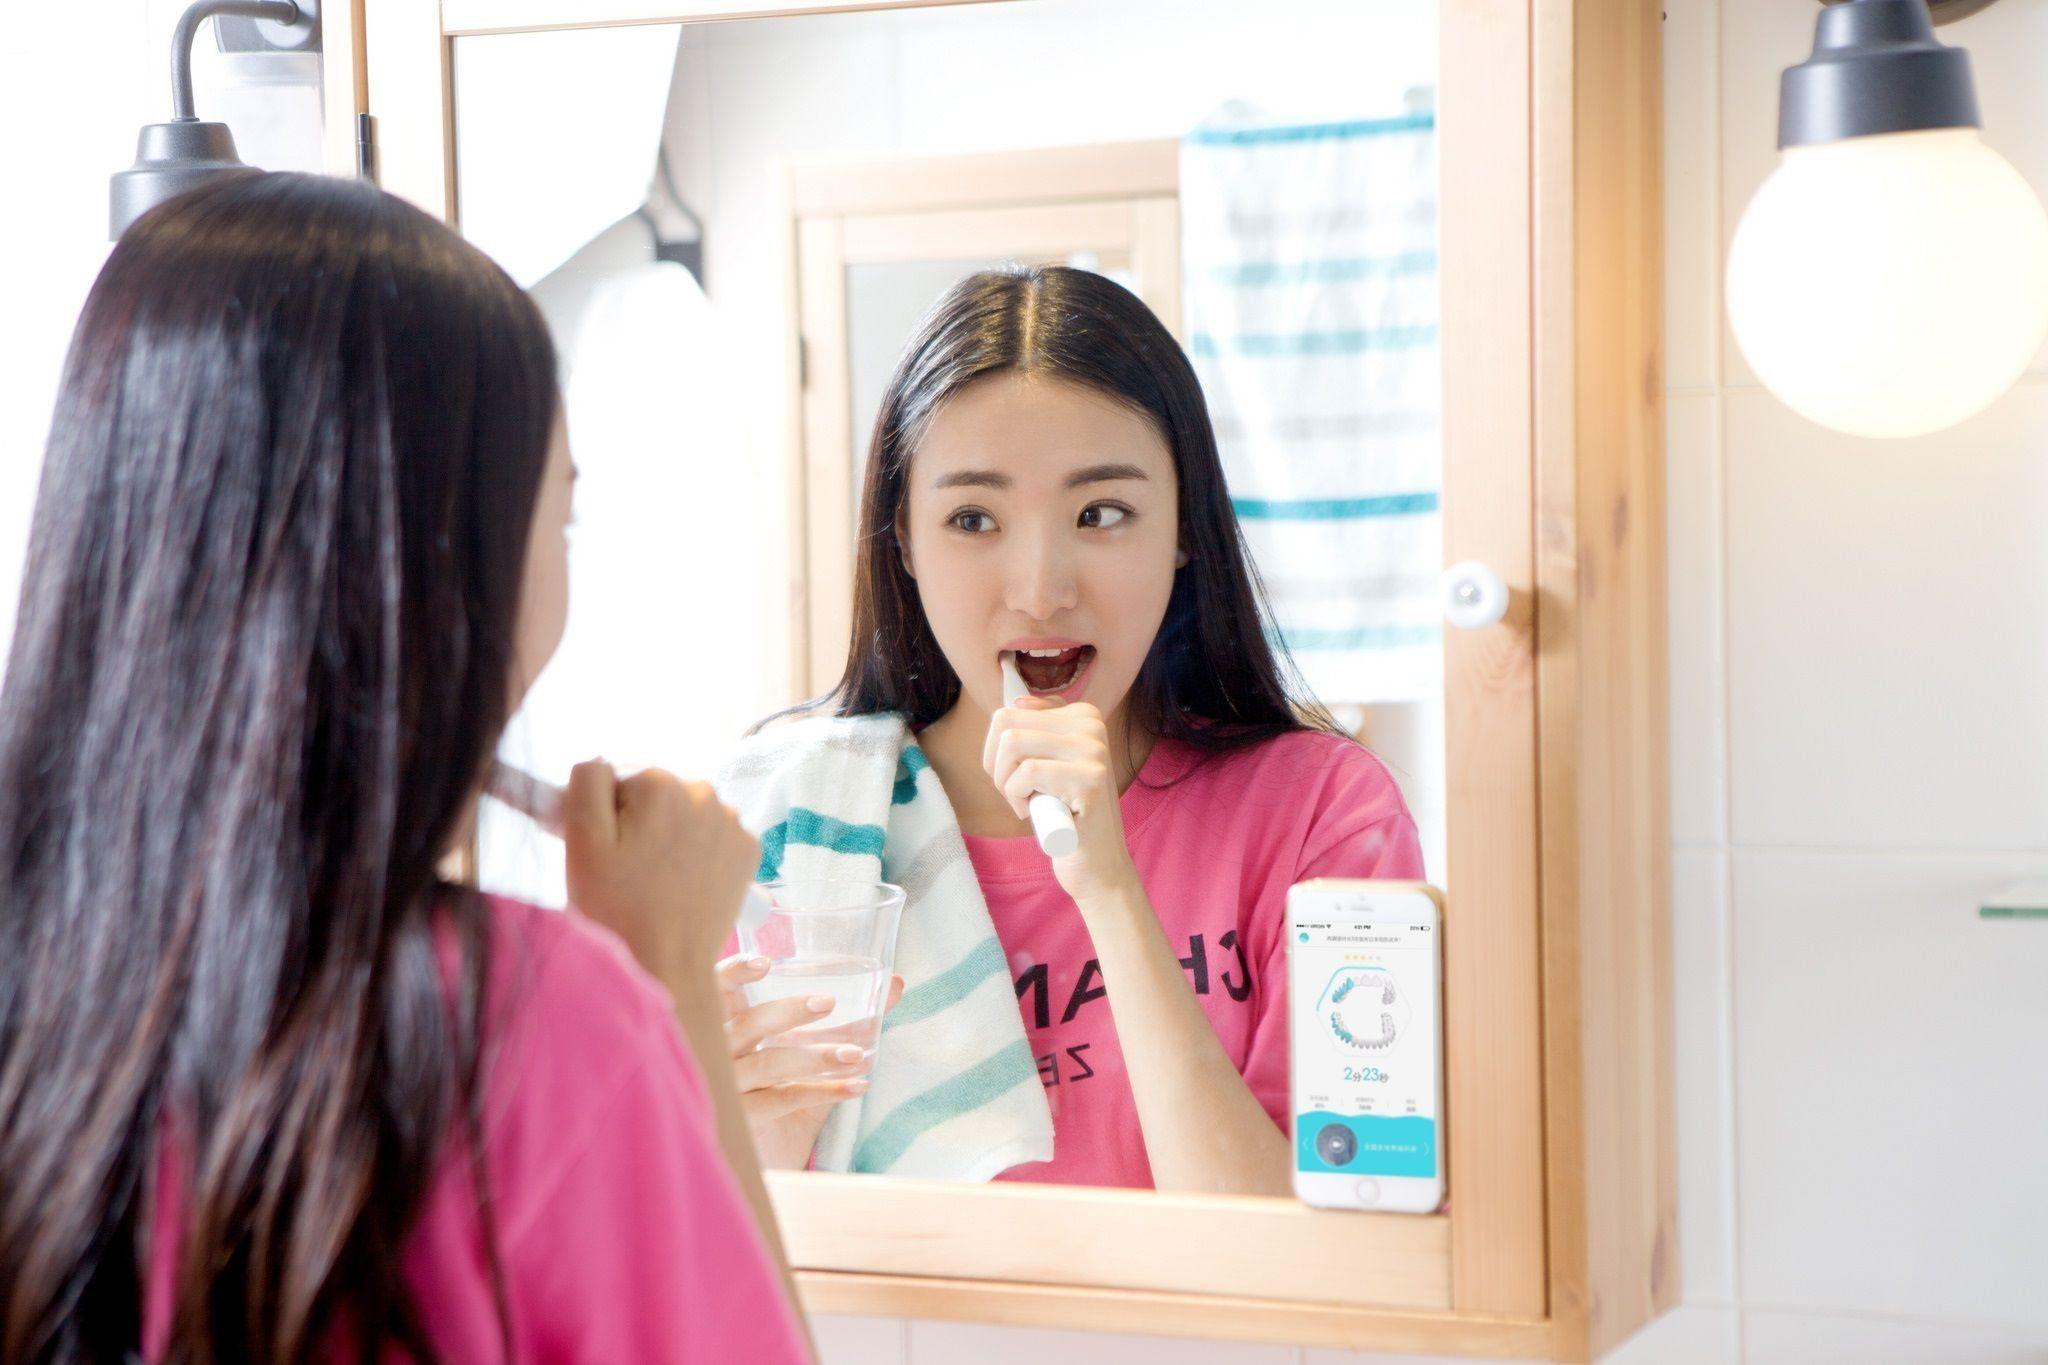 Лучшие электрические зубные щетки Hapica в 2021 году